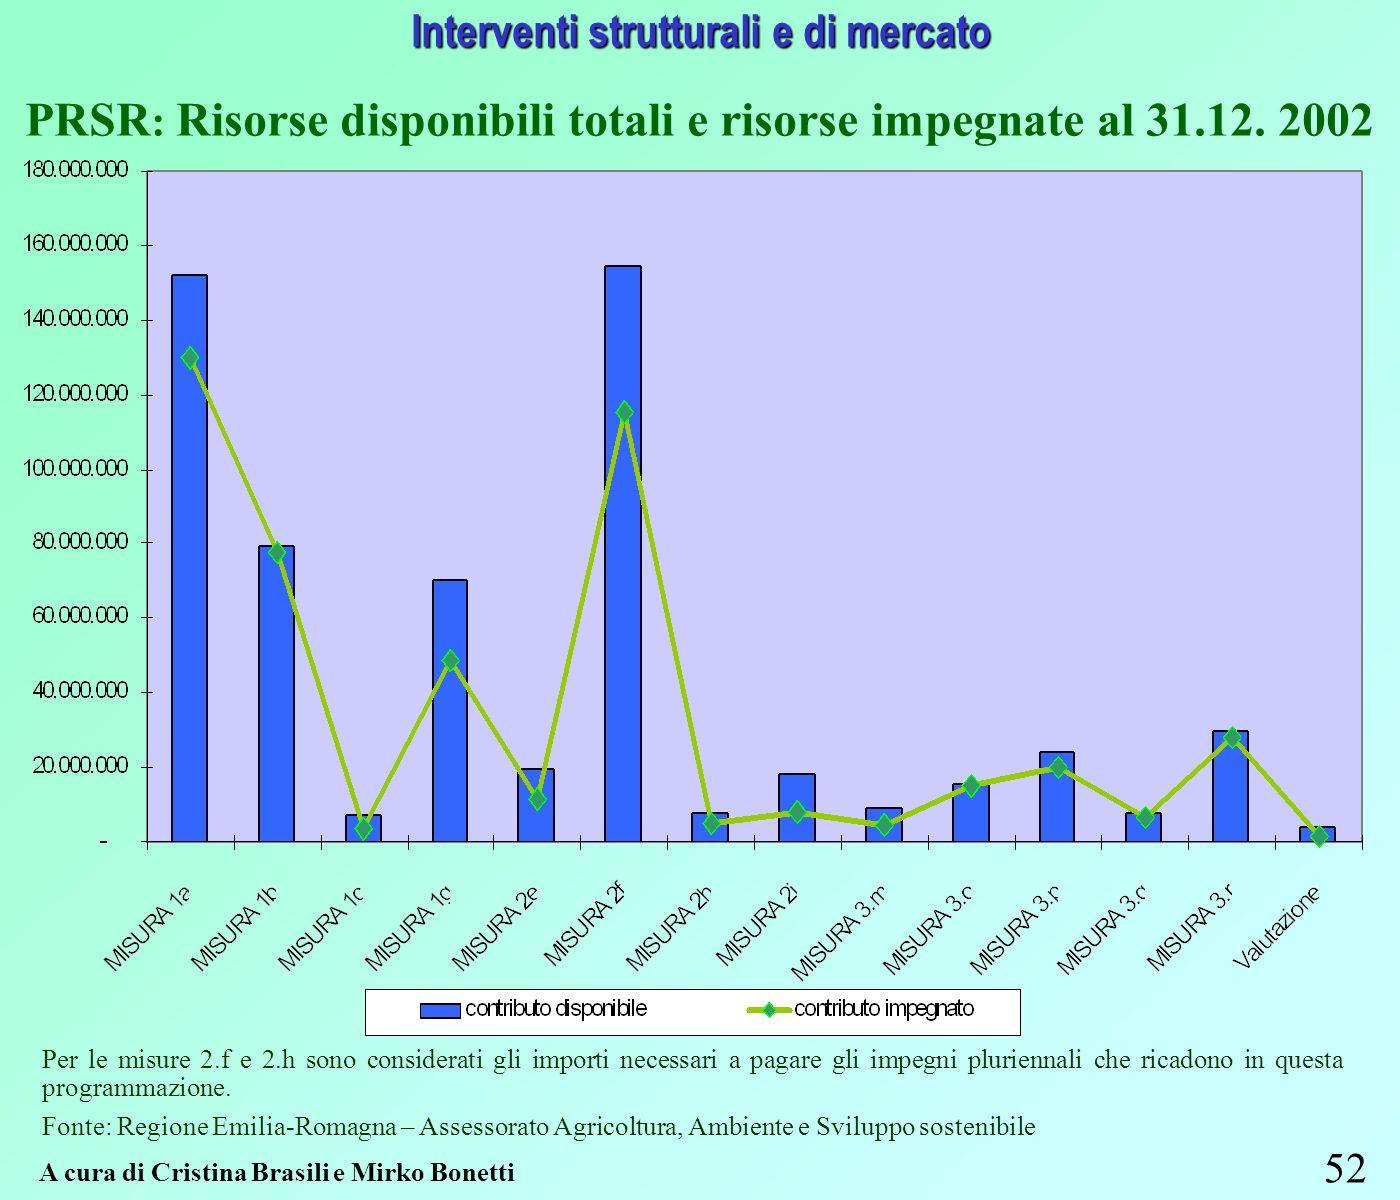 52 Interventi strutturali e di mercato A cura di Cristina Brasili e Mirko Bonetti PRSR : Risorse disponibili totali e risorse impegnate al 31.12.